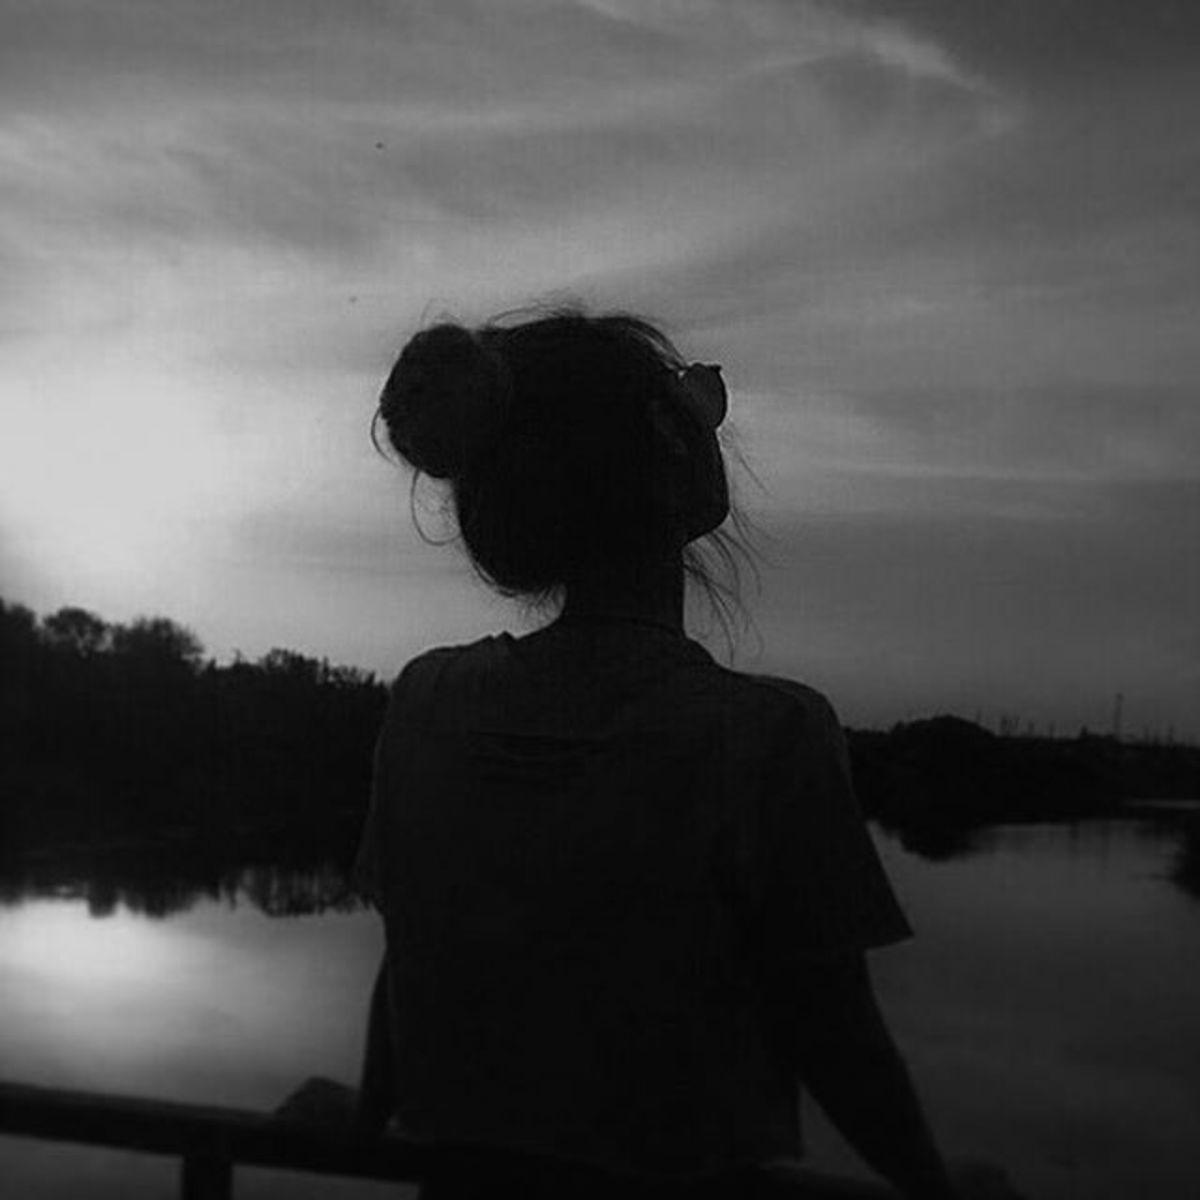 Insomniac: If